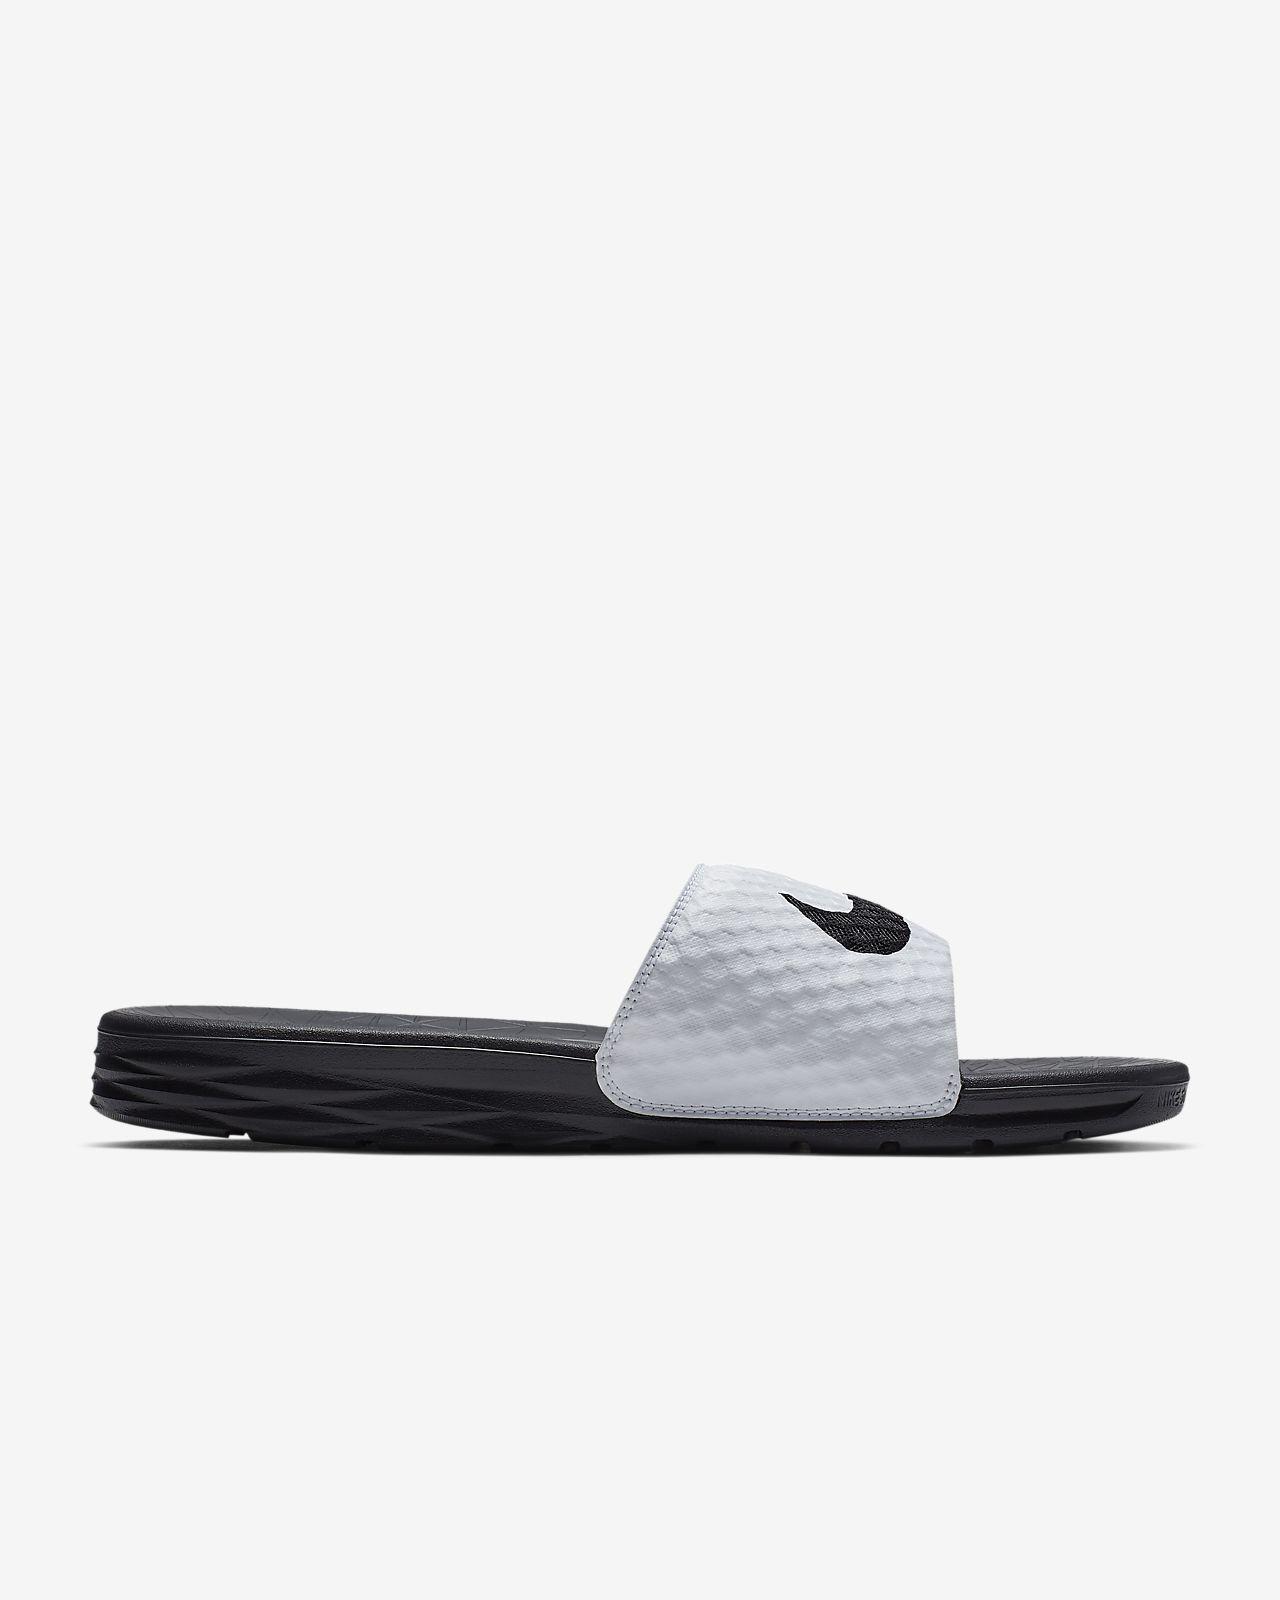 hot sales e8930 4b4d9 ... Claquette Nike Benassi Solarsoft 2 pour Homme